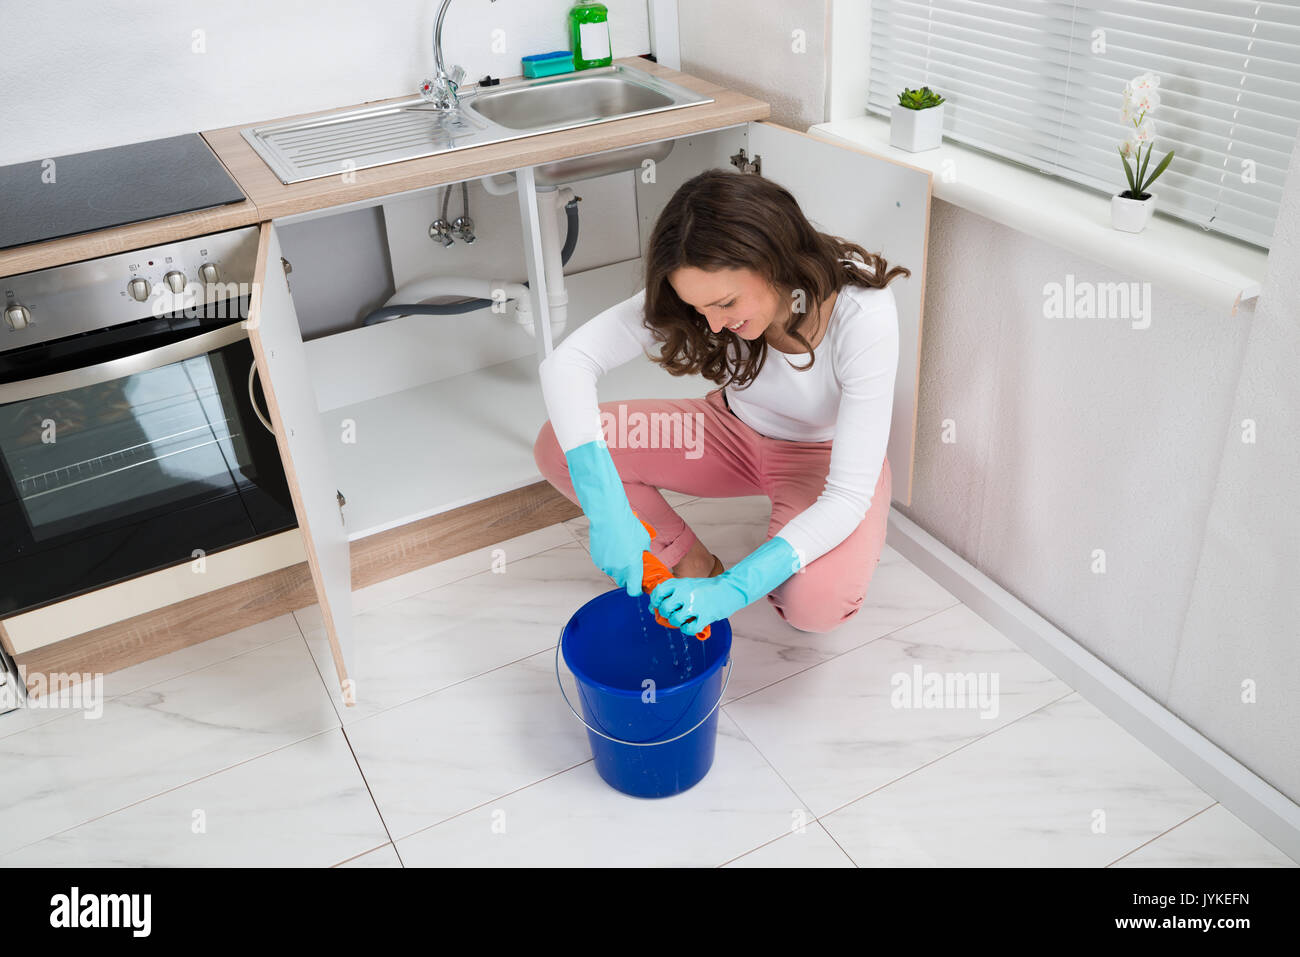 Junge Frau Quetschen Nasses Tuch In Blau Schaufel Auf Küche Zimmer